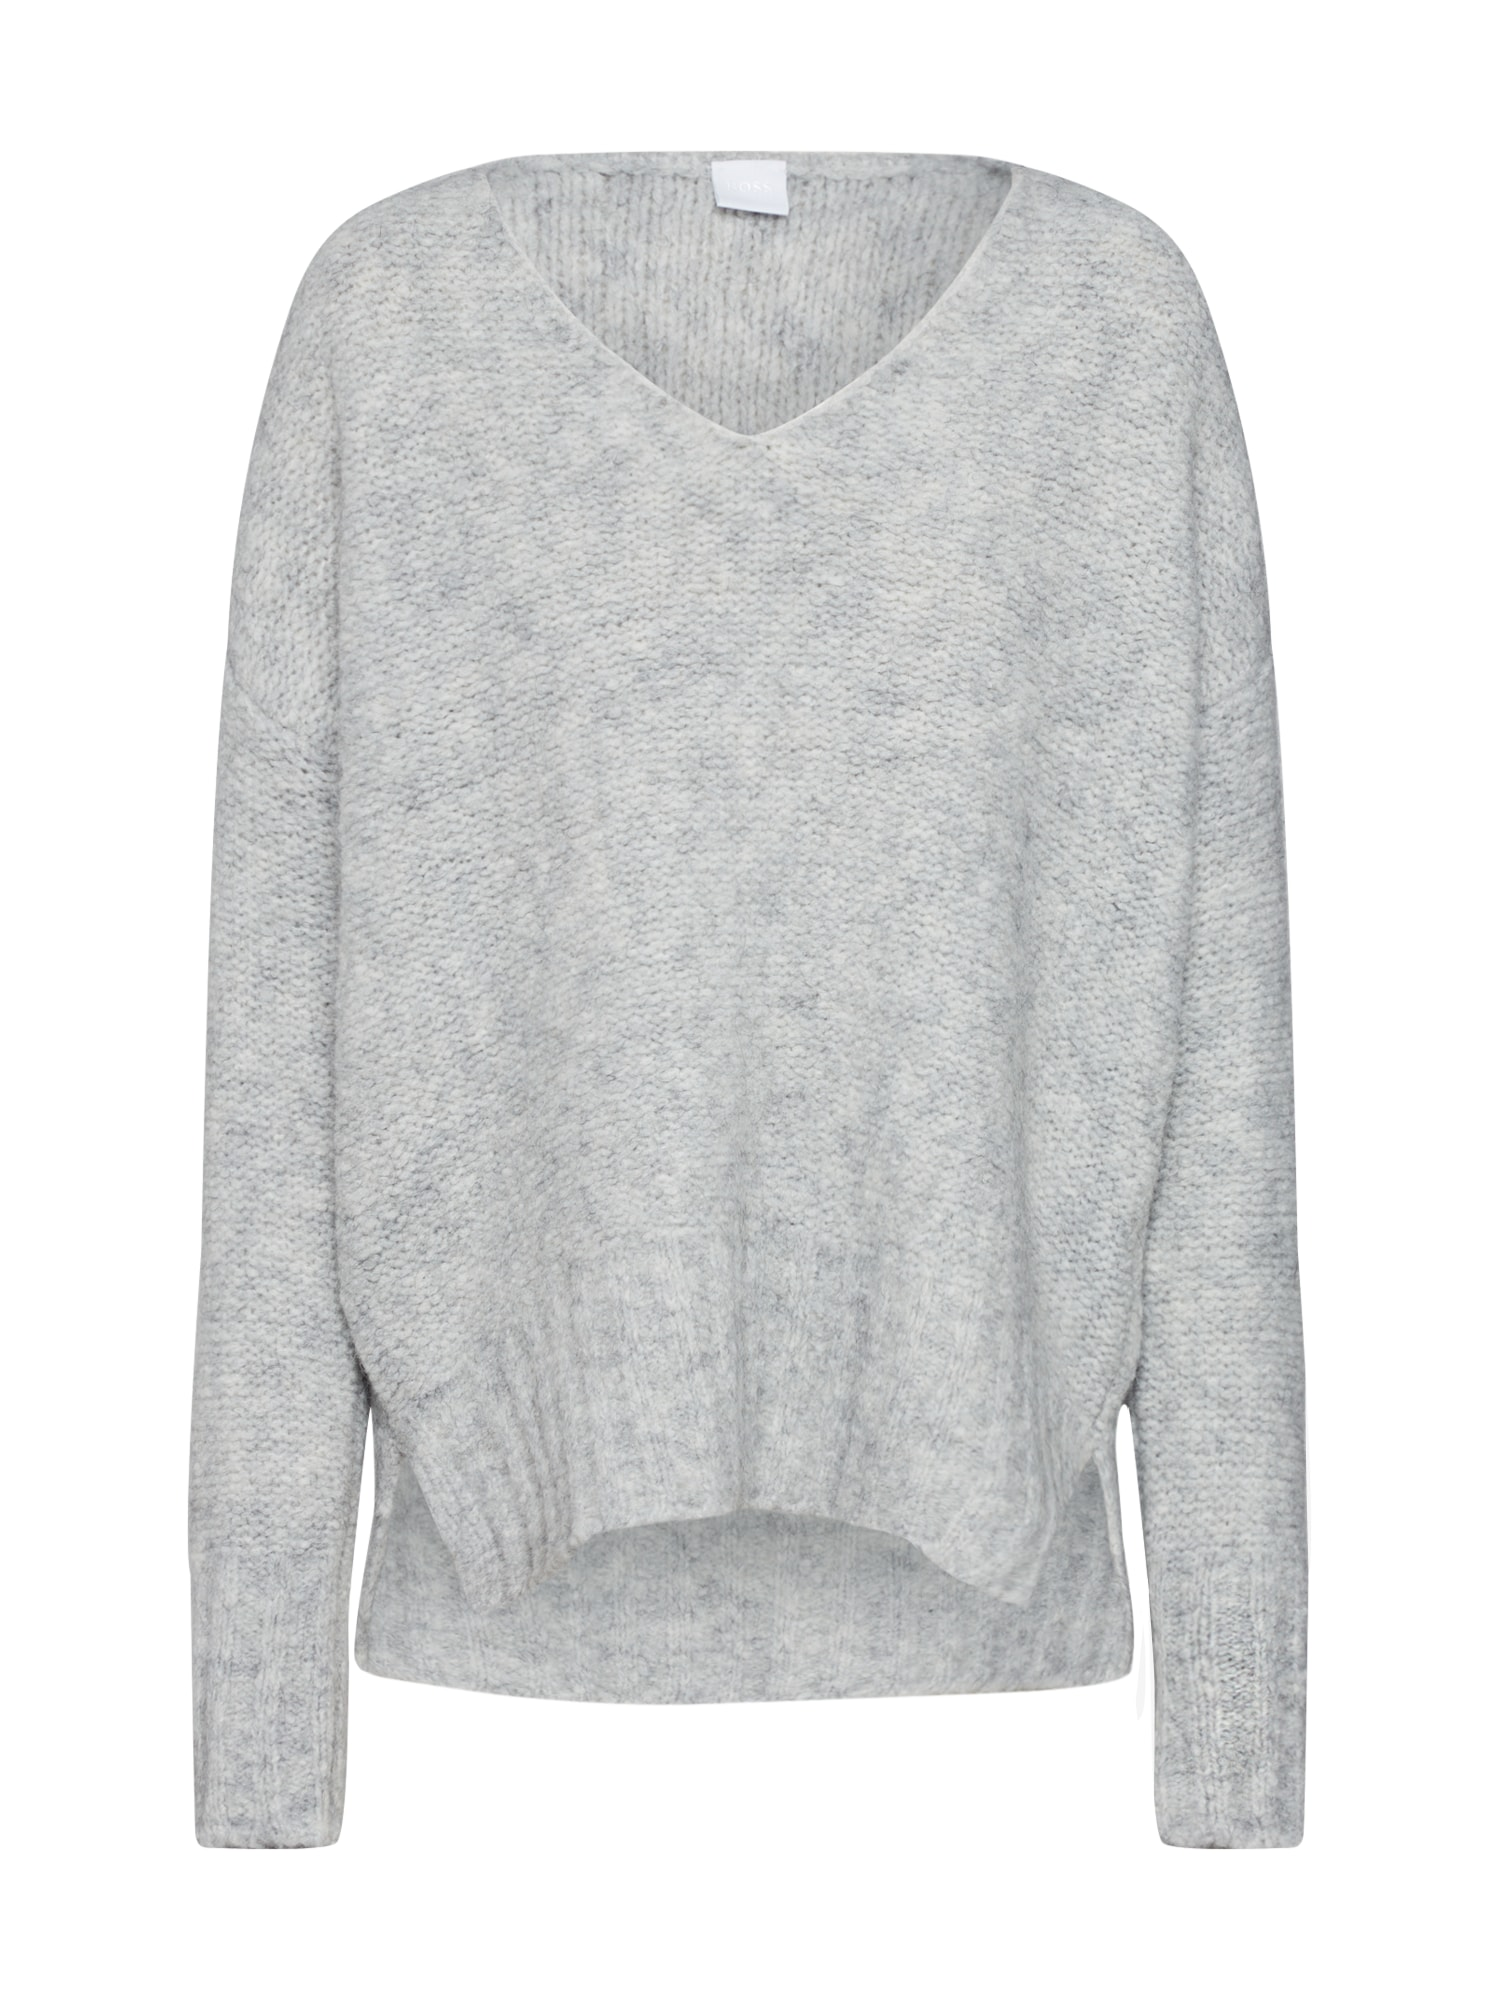 BOSS Megztinis 'Willallon' šviesiai pilka